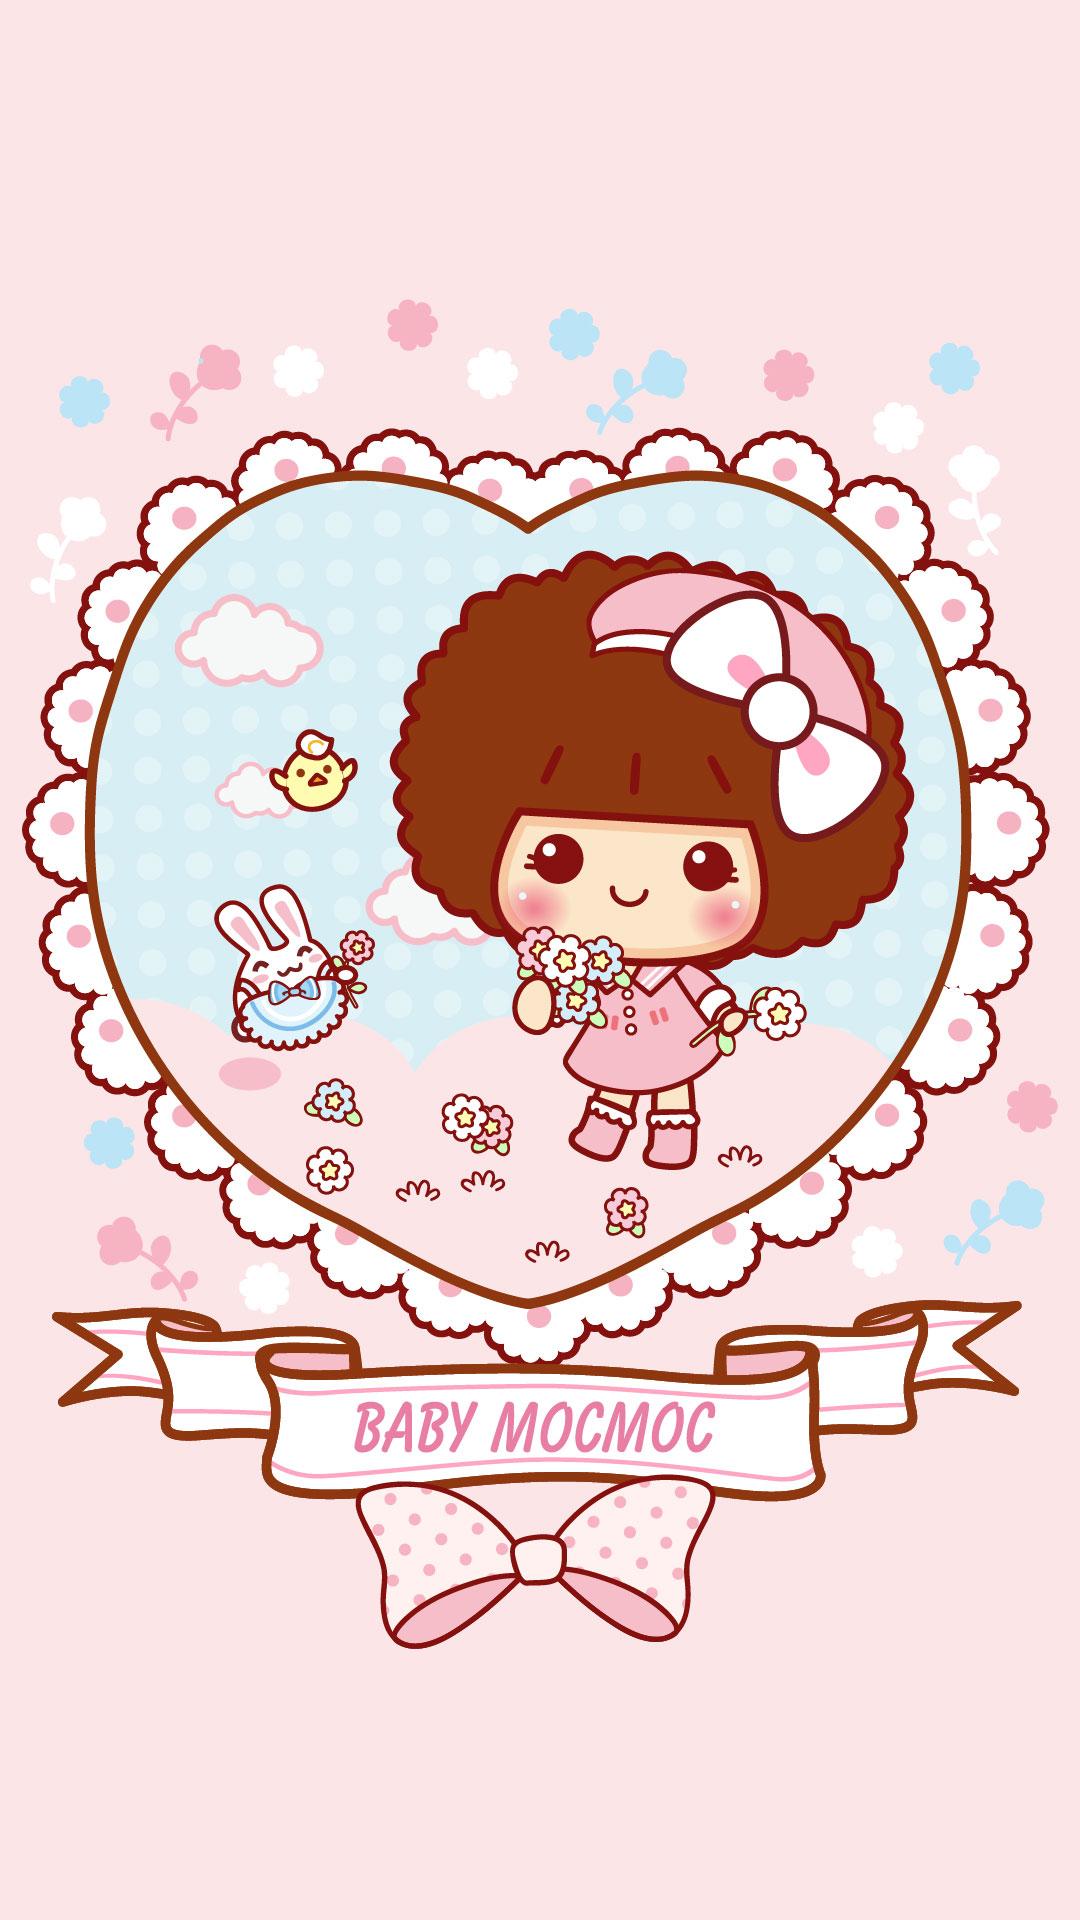 可爱摩丝摩丝宝宝